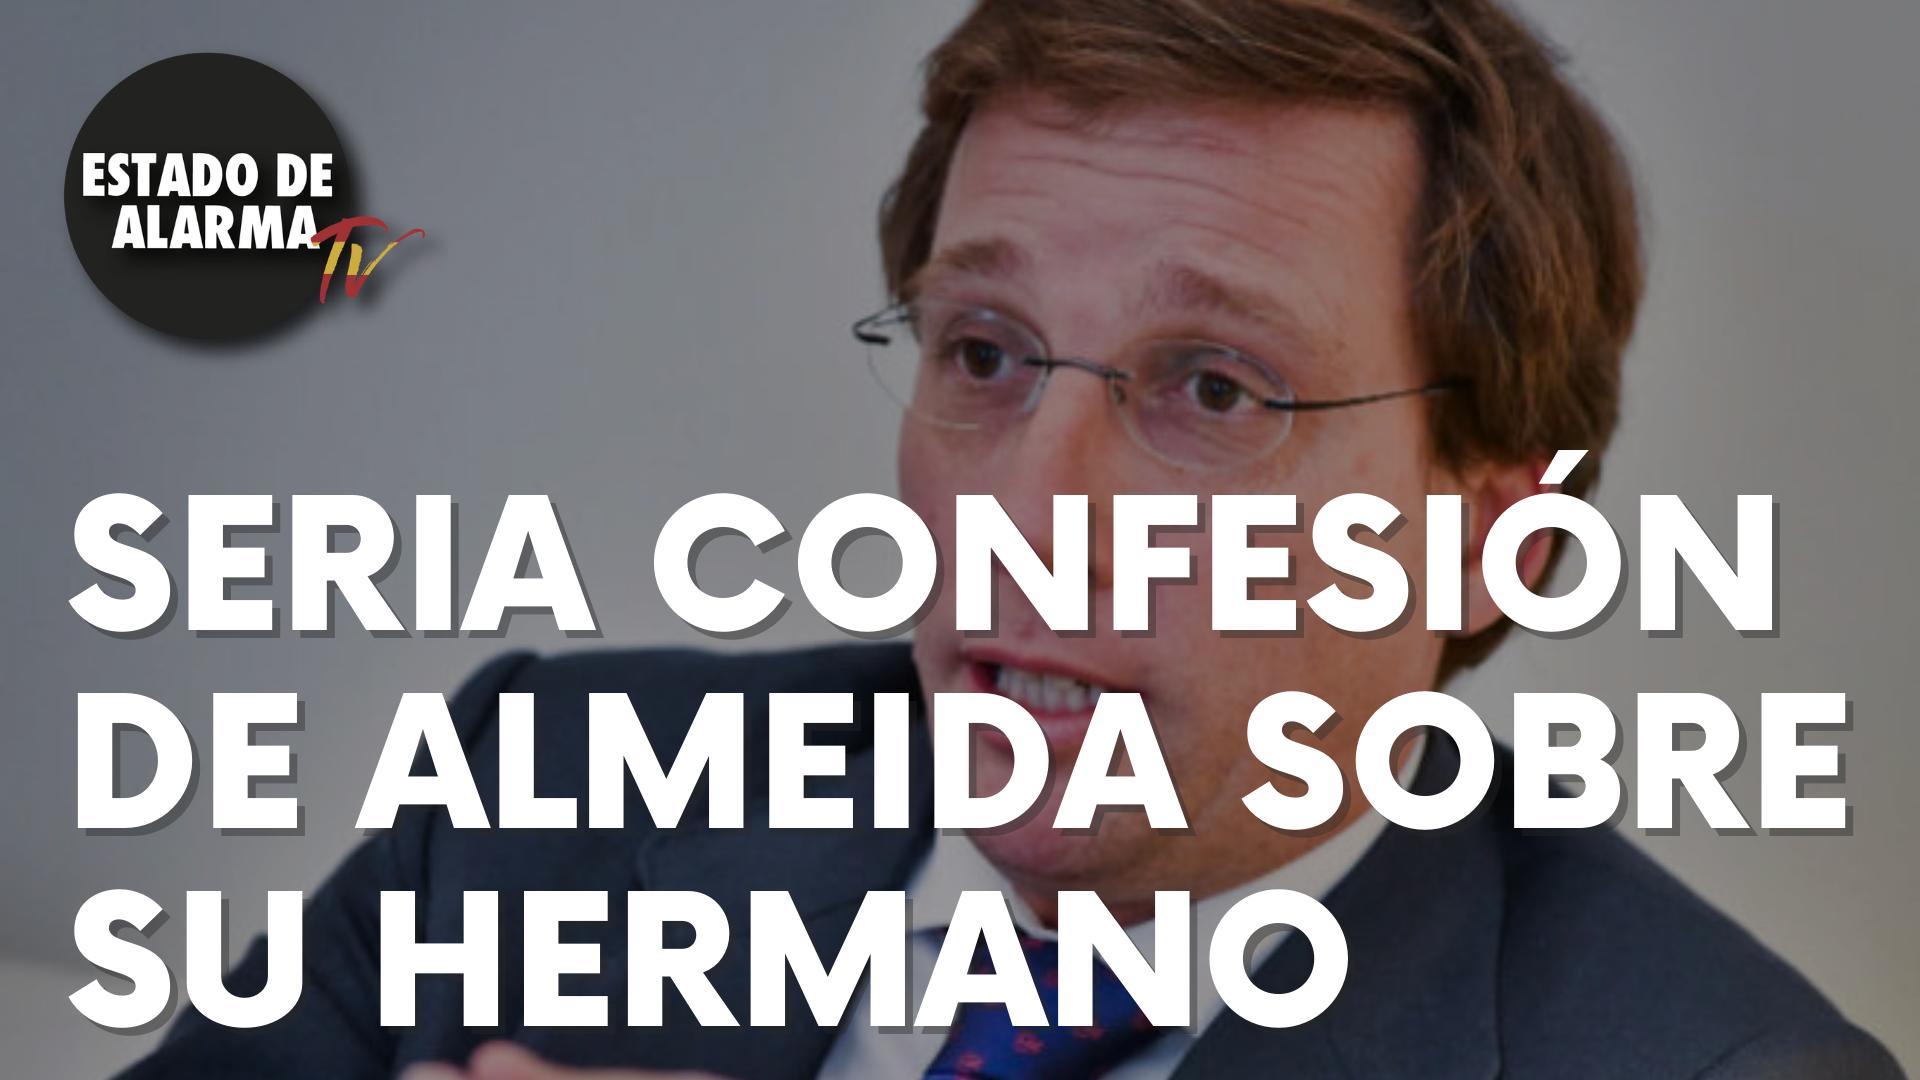 La seria confesión de Almeida sobre su hermano